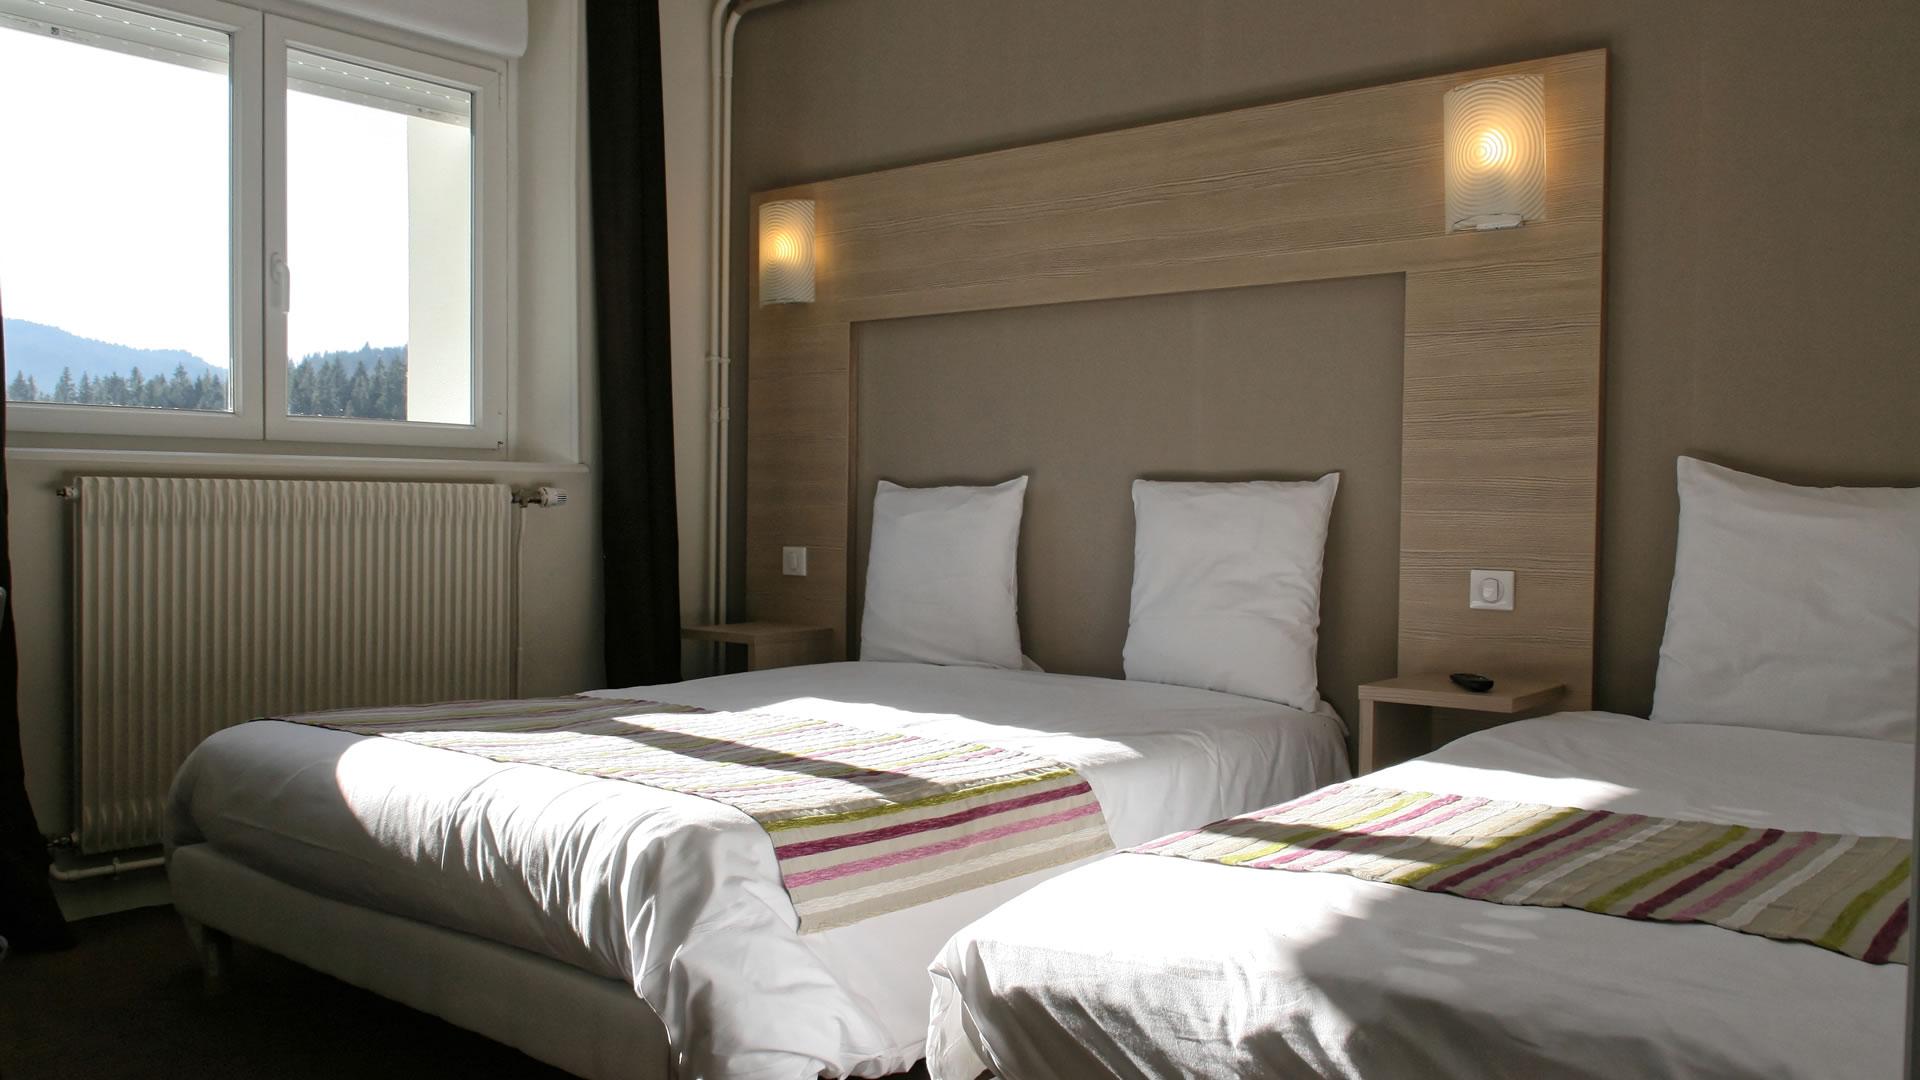 Chambres et suites l 39 h tel l 39 echo du lac for 2 chambres communicantes